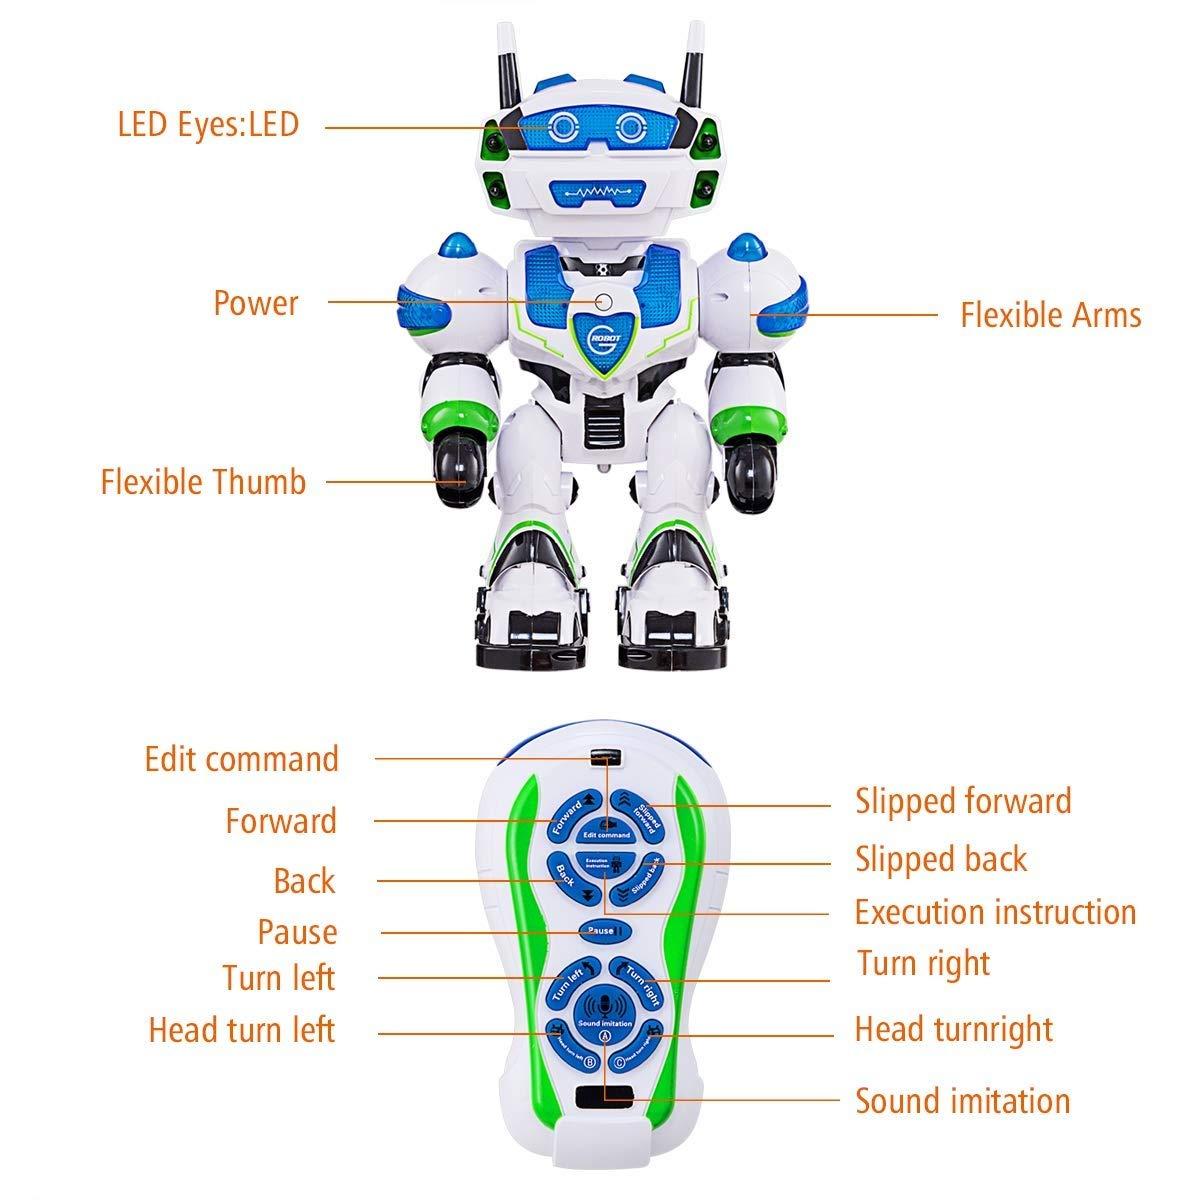 Wesxm Upgrade USB Wiederaufladbare Fernbedienung Roboter Sichere ABS Materialien Singen Tanzroboter mit Lichteffekt Perfekte Kinder Spielzeug Programmierbare Sprechende Fernbedienung Roboter